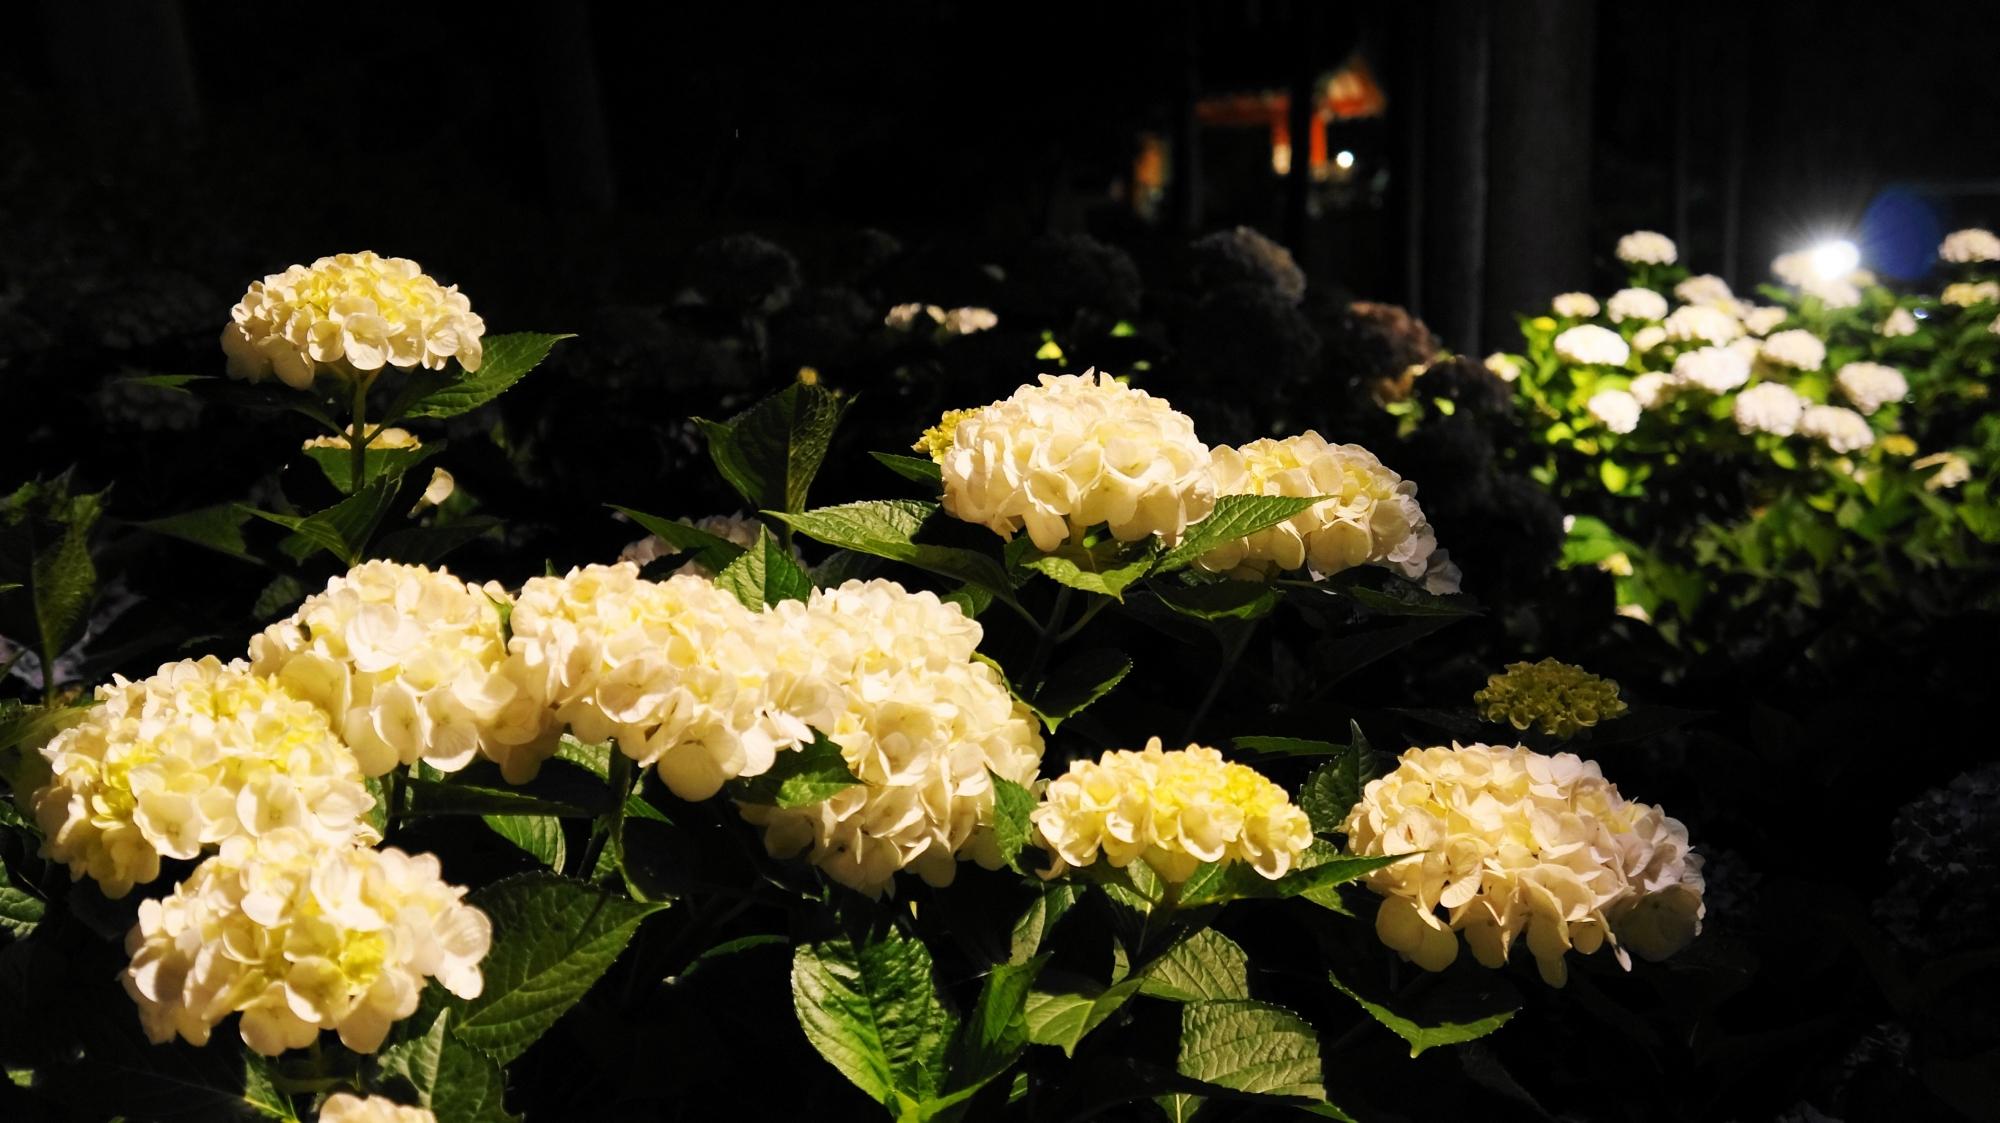 夜を華やぐ淡いクリーム色っぽい紫陽花